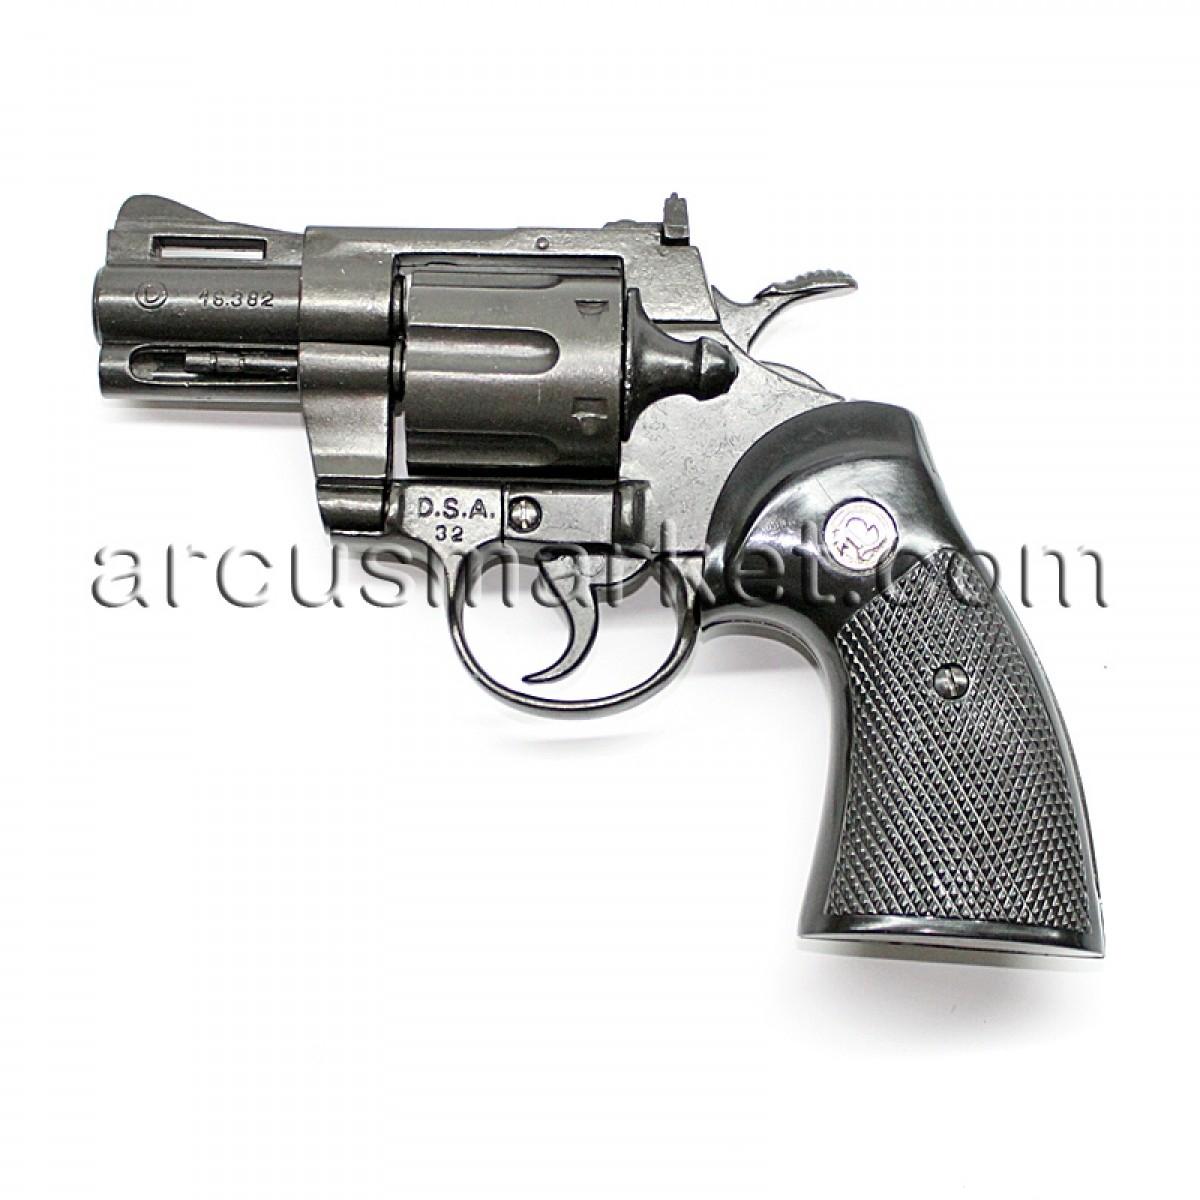 Револьвер Питон 2. Магнум, США, 1958., ММГ копия